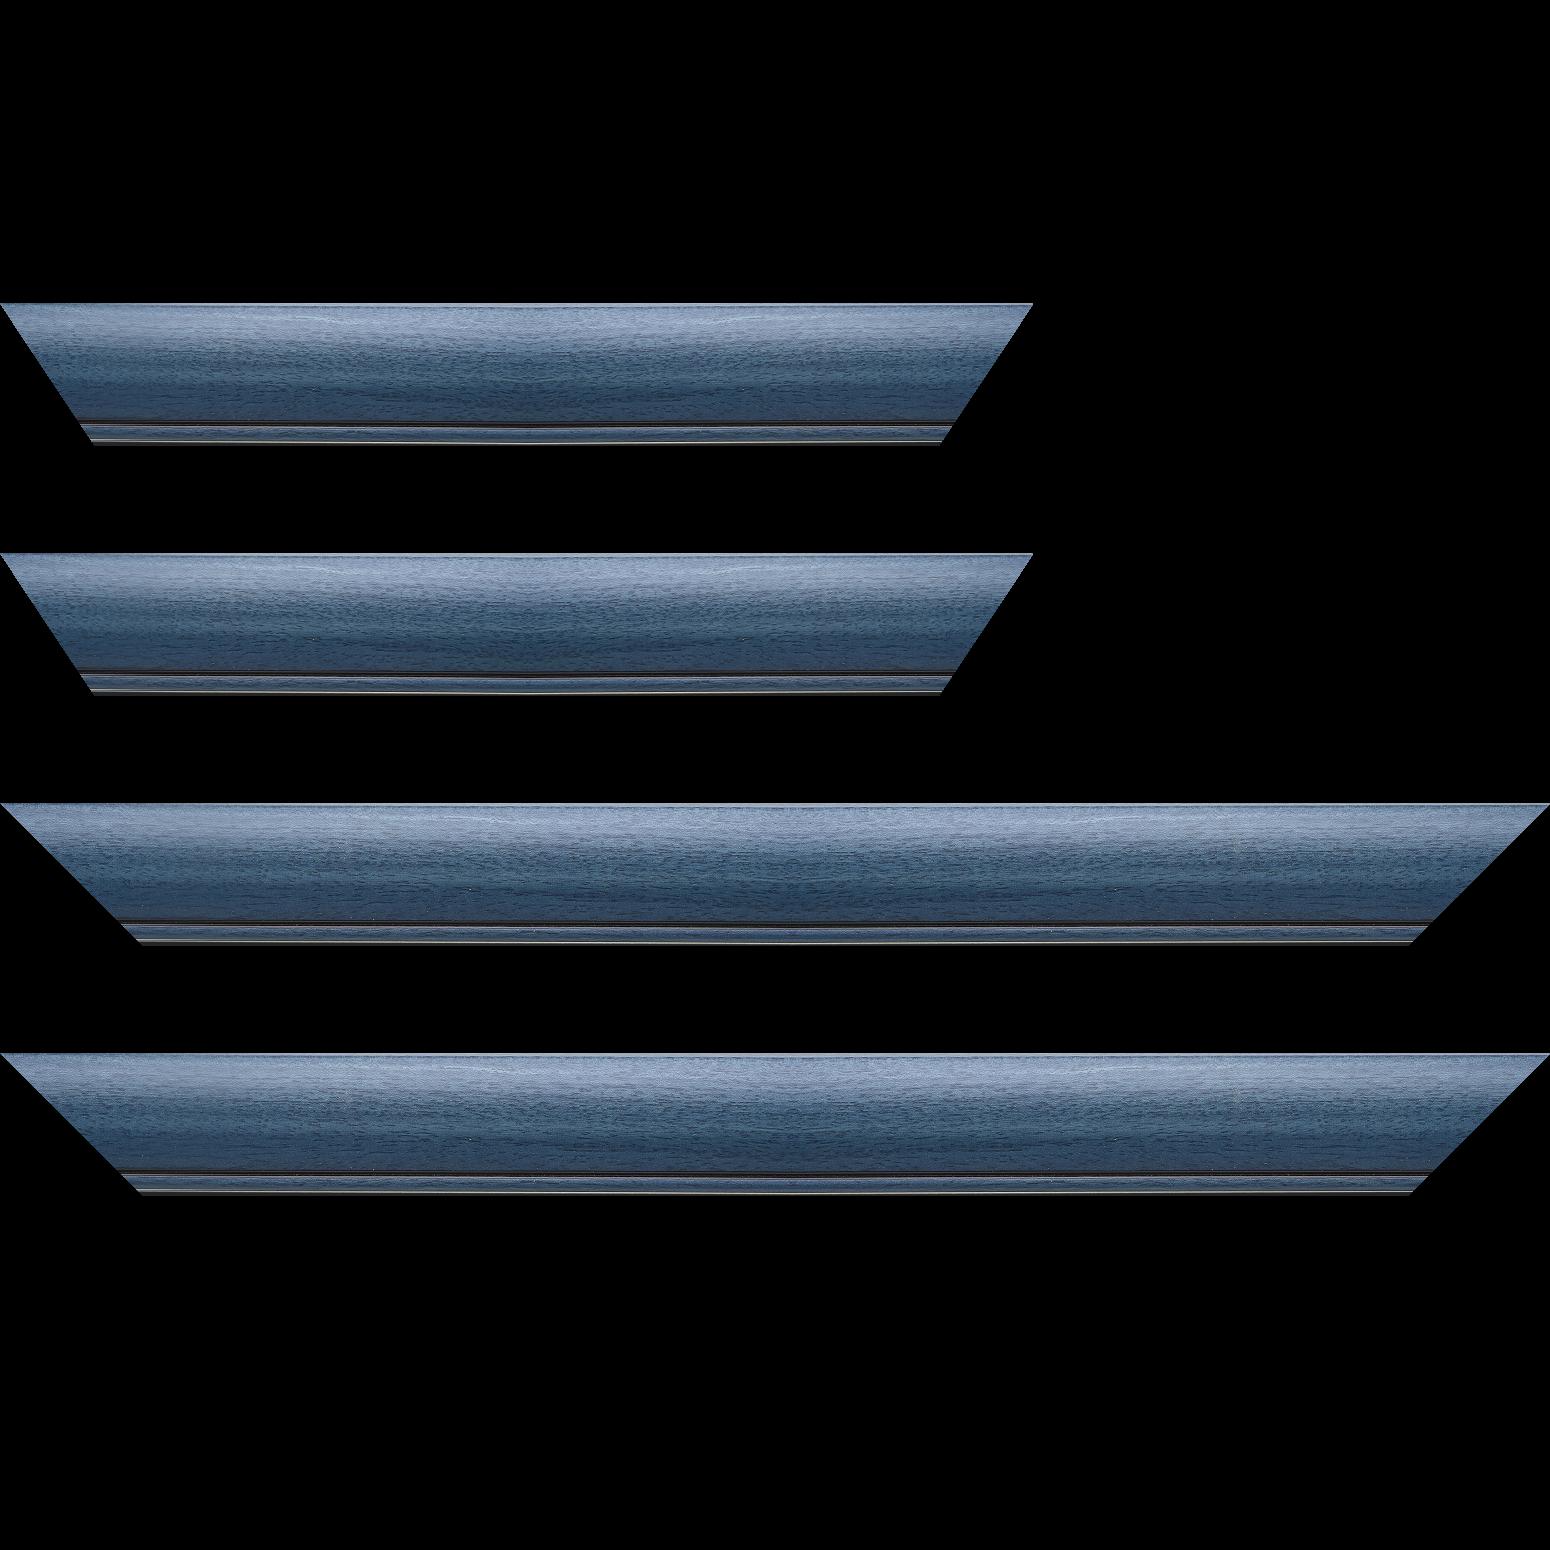 Baguette service précoupé Bois profil arrondi largeur 4.7cm couleur bleu cobalt satiné rehaussé d'un filet noir